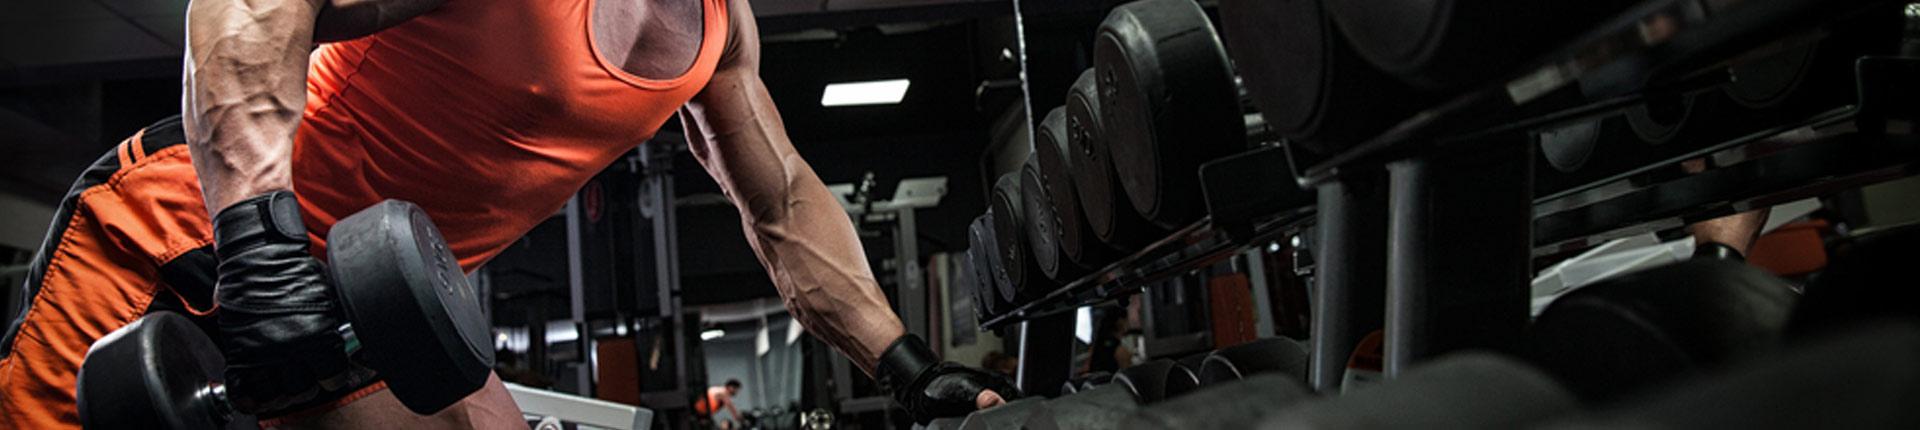 Kurkumina przyspiesza regenerację mięśni